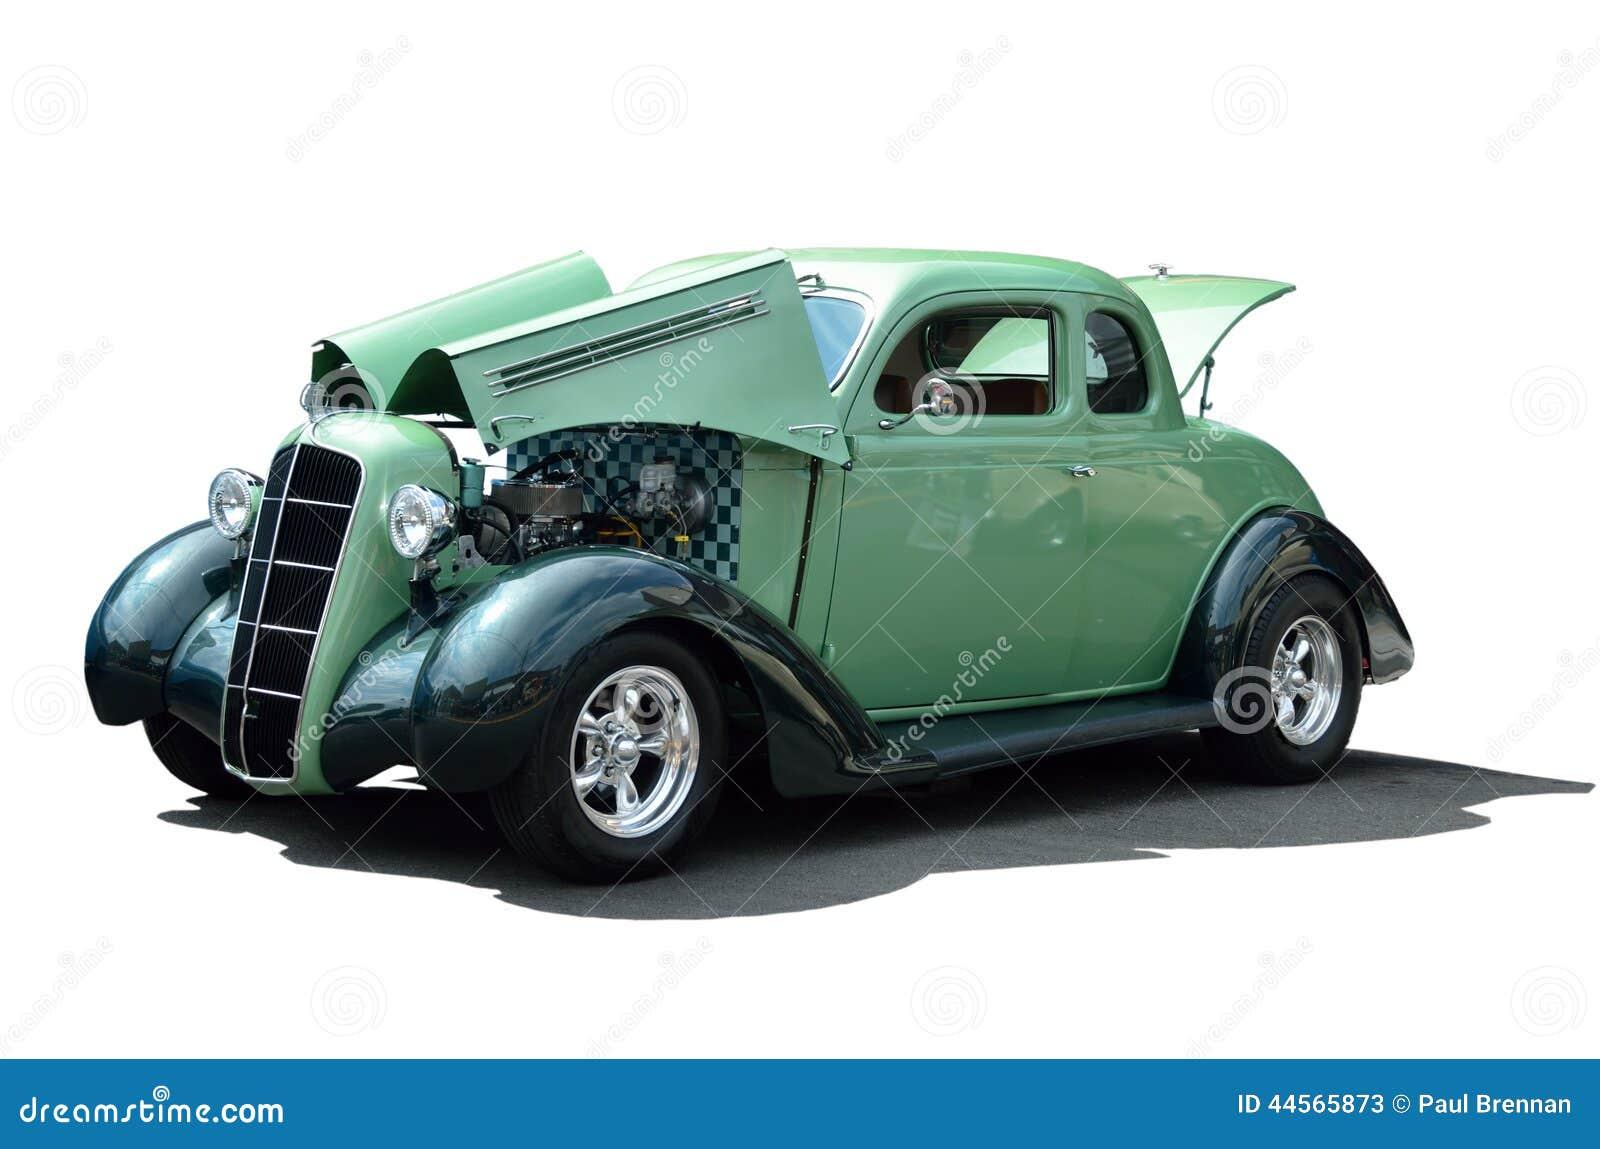 Fine Vintage Automobile Gallery - Classic Cars Ideas - boiq.info